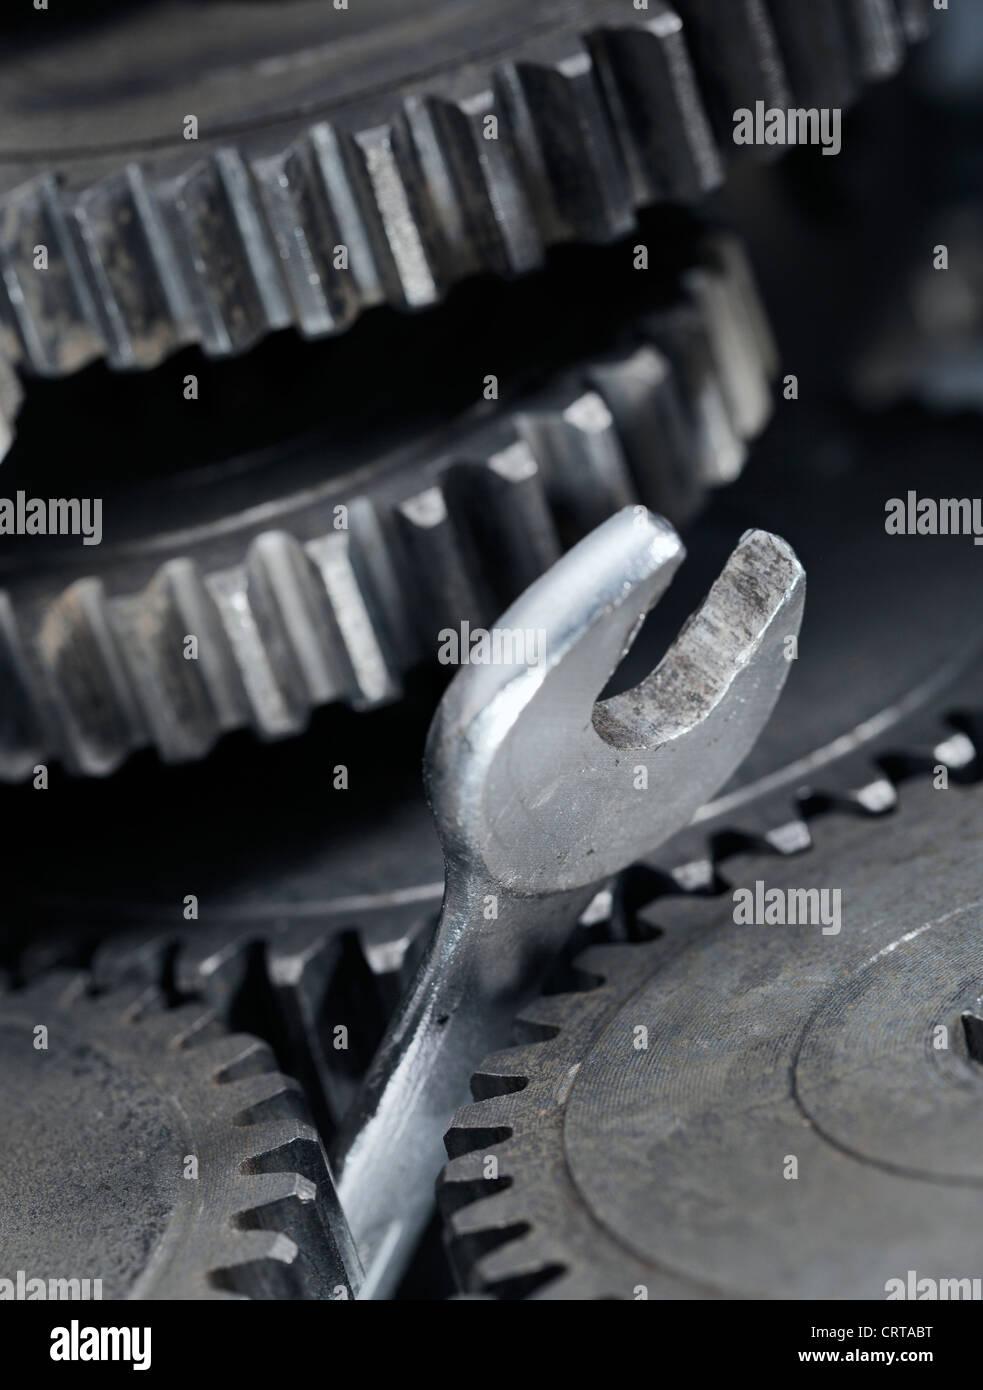 Ein Spanner Schraubenschlüssel fest zwischen Getriebe Zahnräder. Stockbild